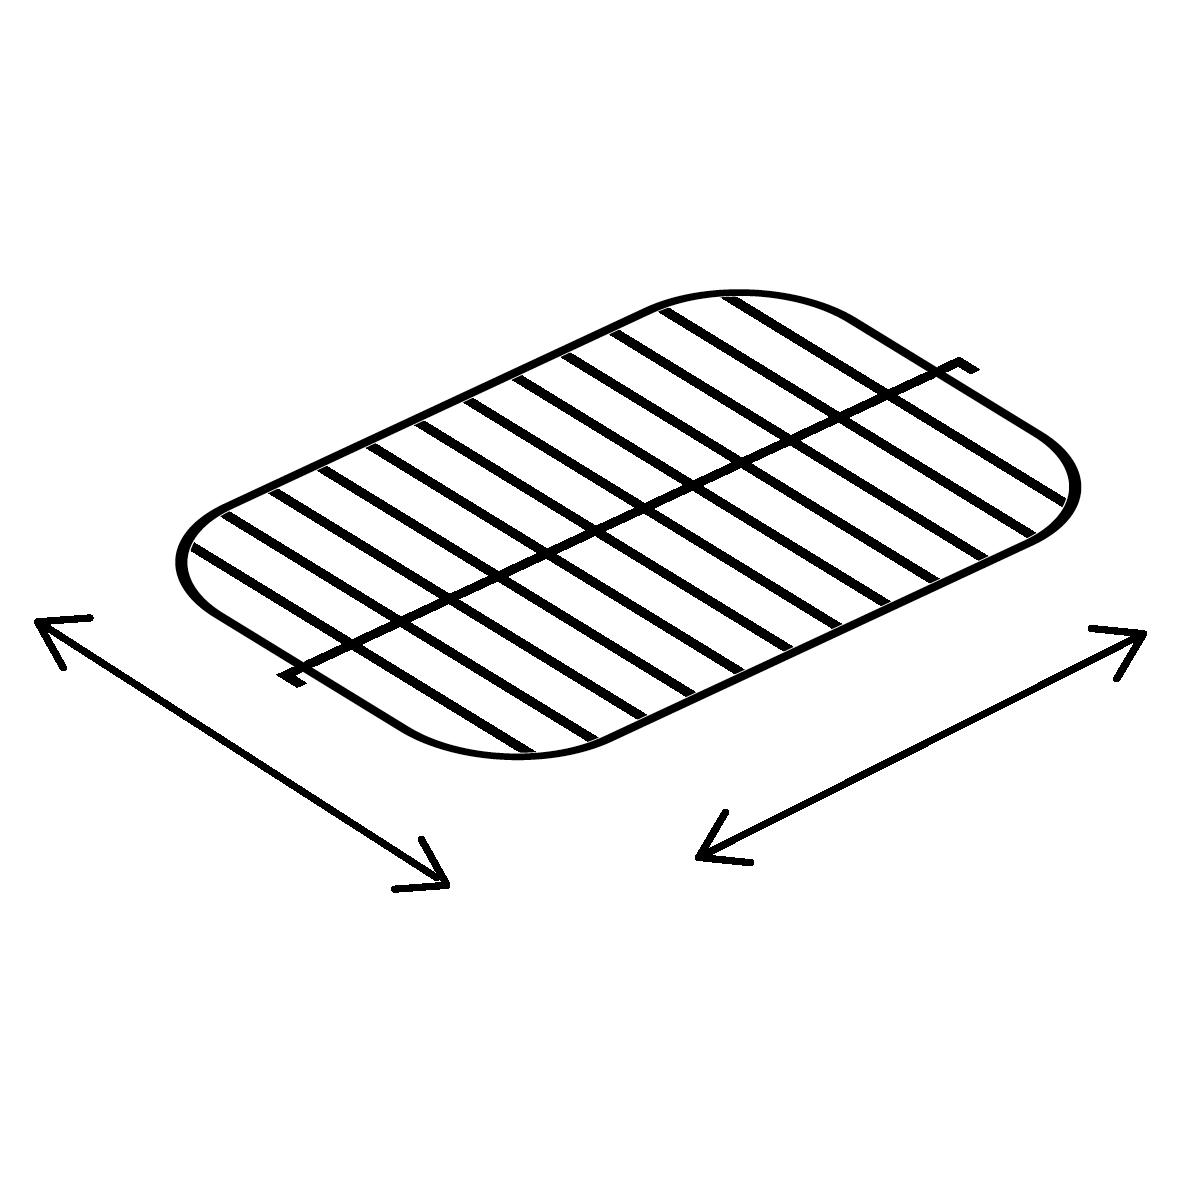 Grillfläche